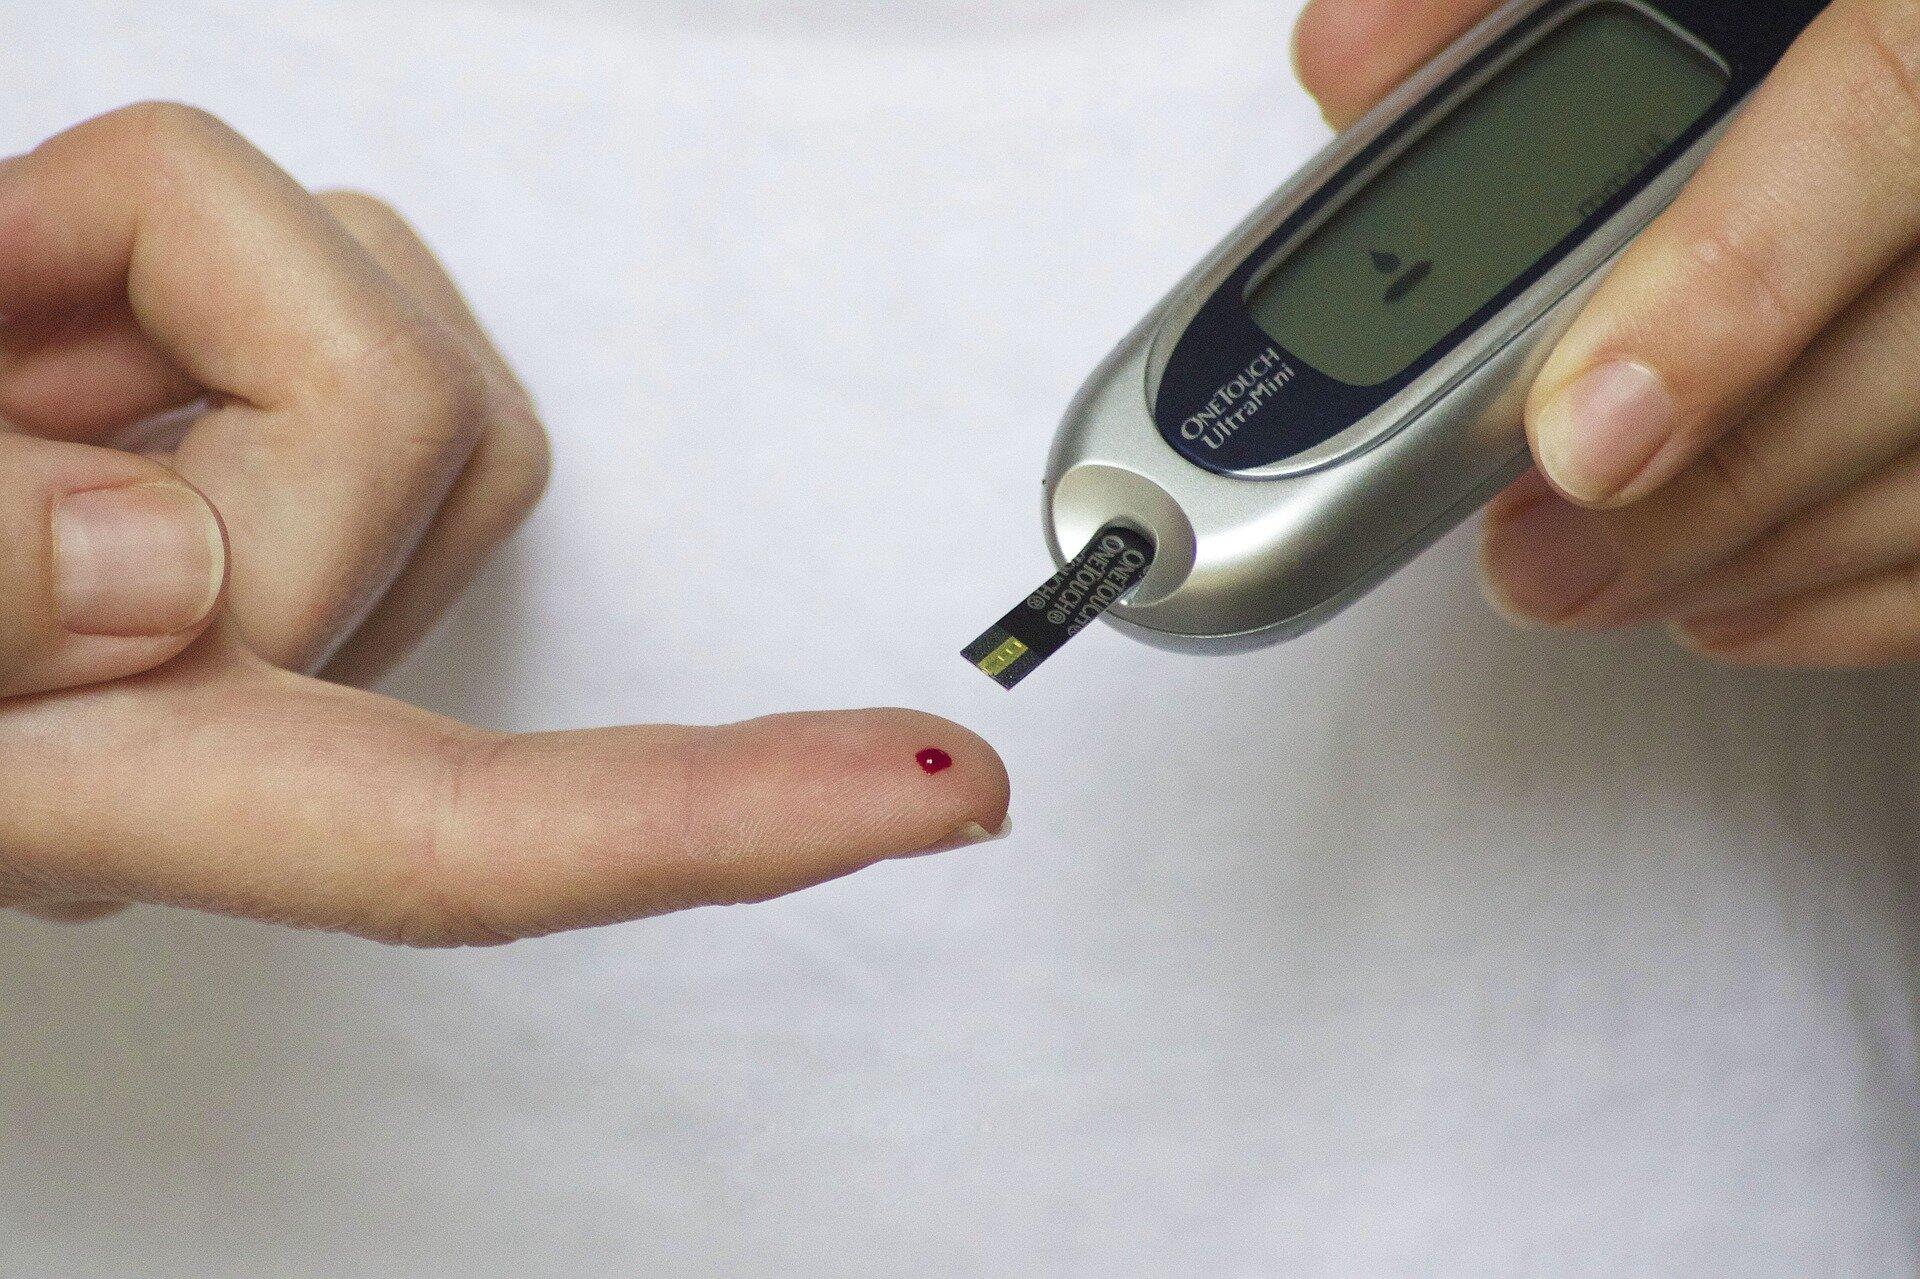 Patienten mit Typ-2-diabetes gehören zu online-support-Gruppen haben schlechtere Gesundheit